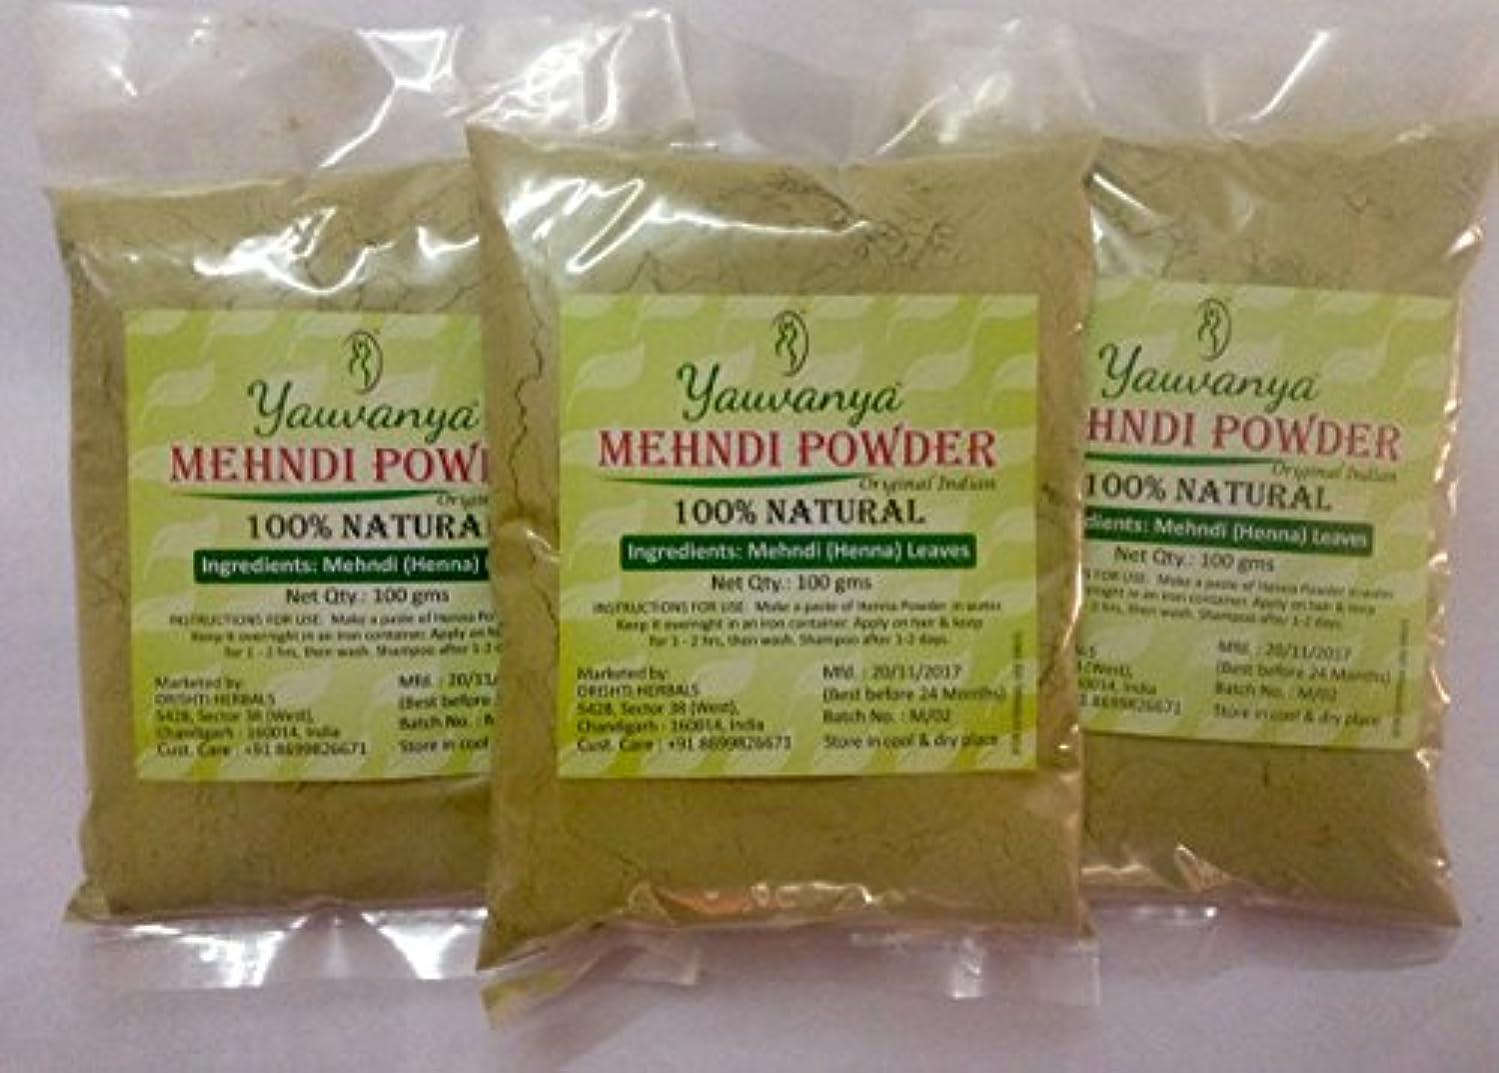 ビデオポール未満Yauvanyaオリジナルインディアンピュア&ナチュラルヘナ(Mehndi)for Hair - 3X100 gms (Yauvanya Original Indian Pure and Natural Henna (Mehndi...